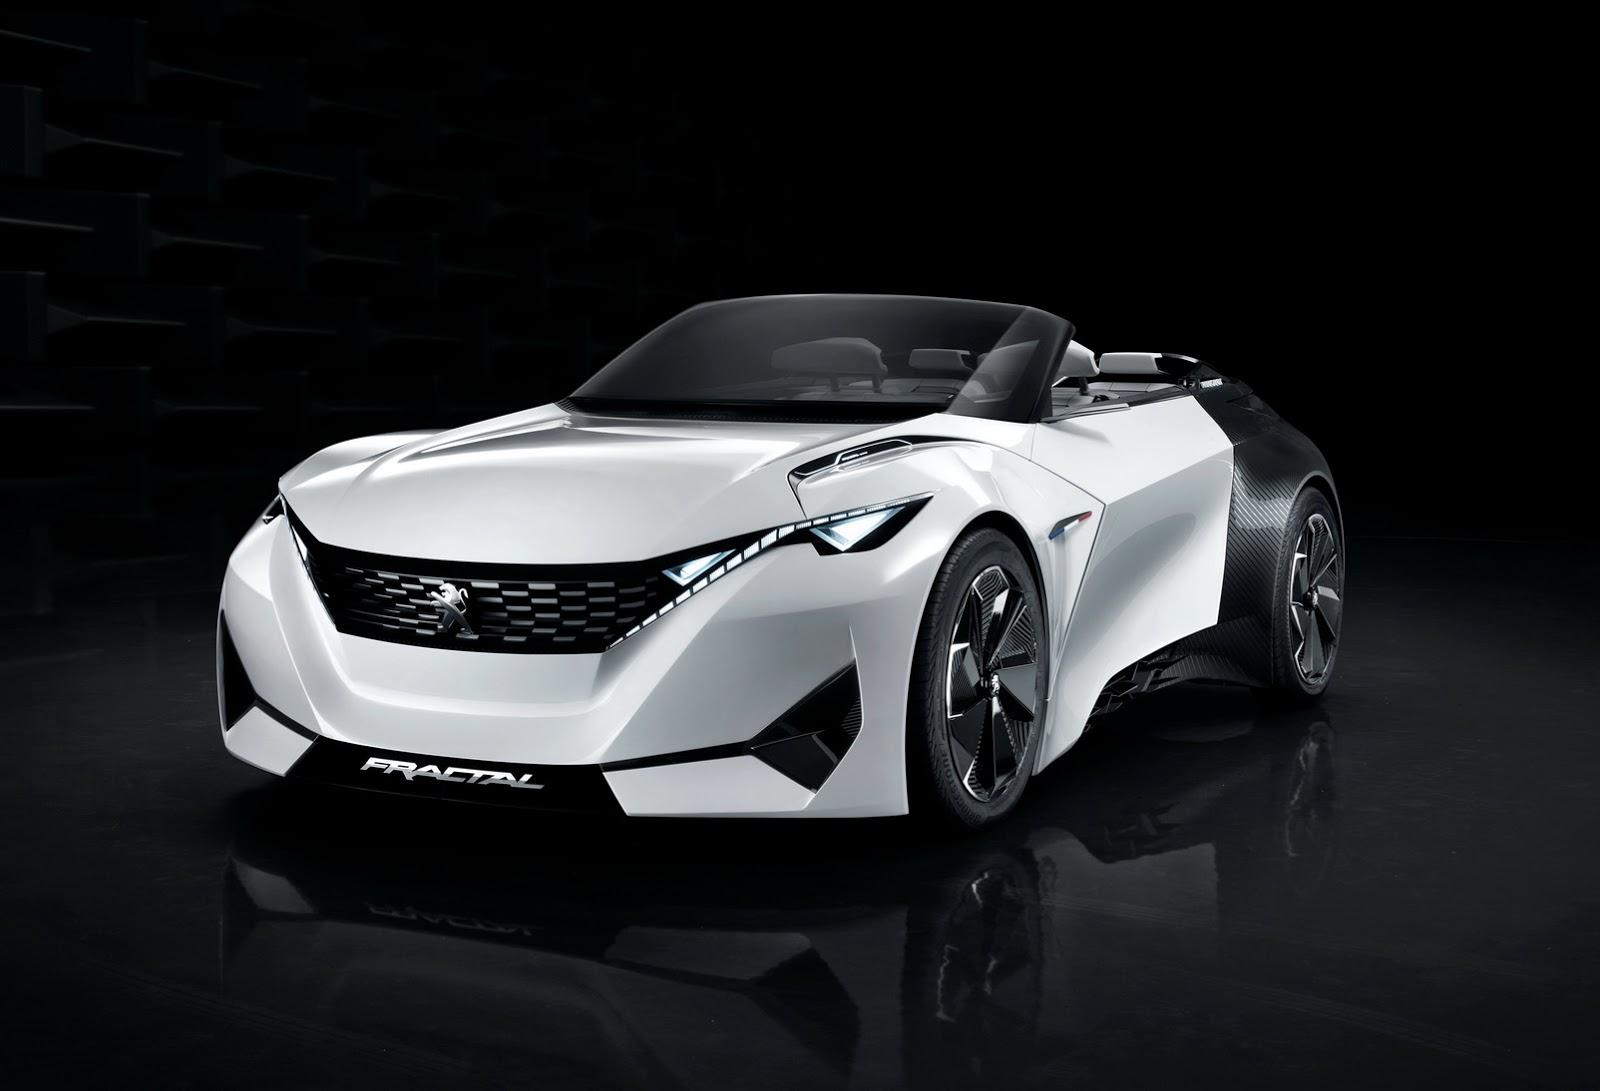 Peugeot Fractal Concept 2015 Presentazione Nuovi Modelli Auto Acura Advanced Sports Car 14jpeg